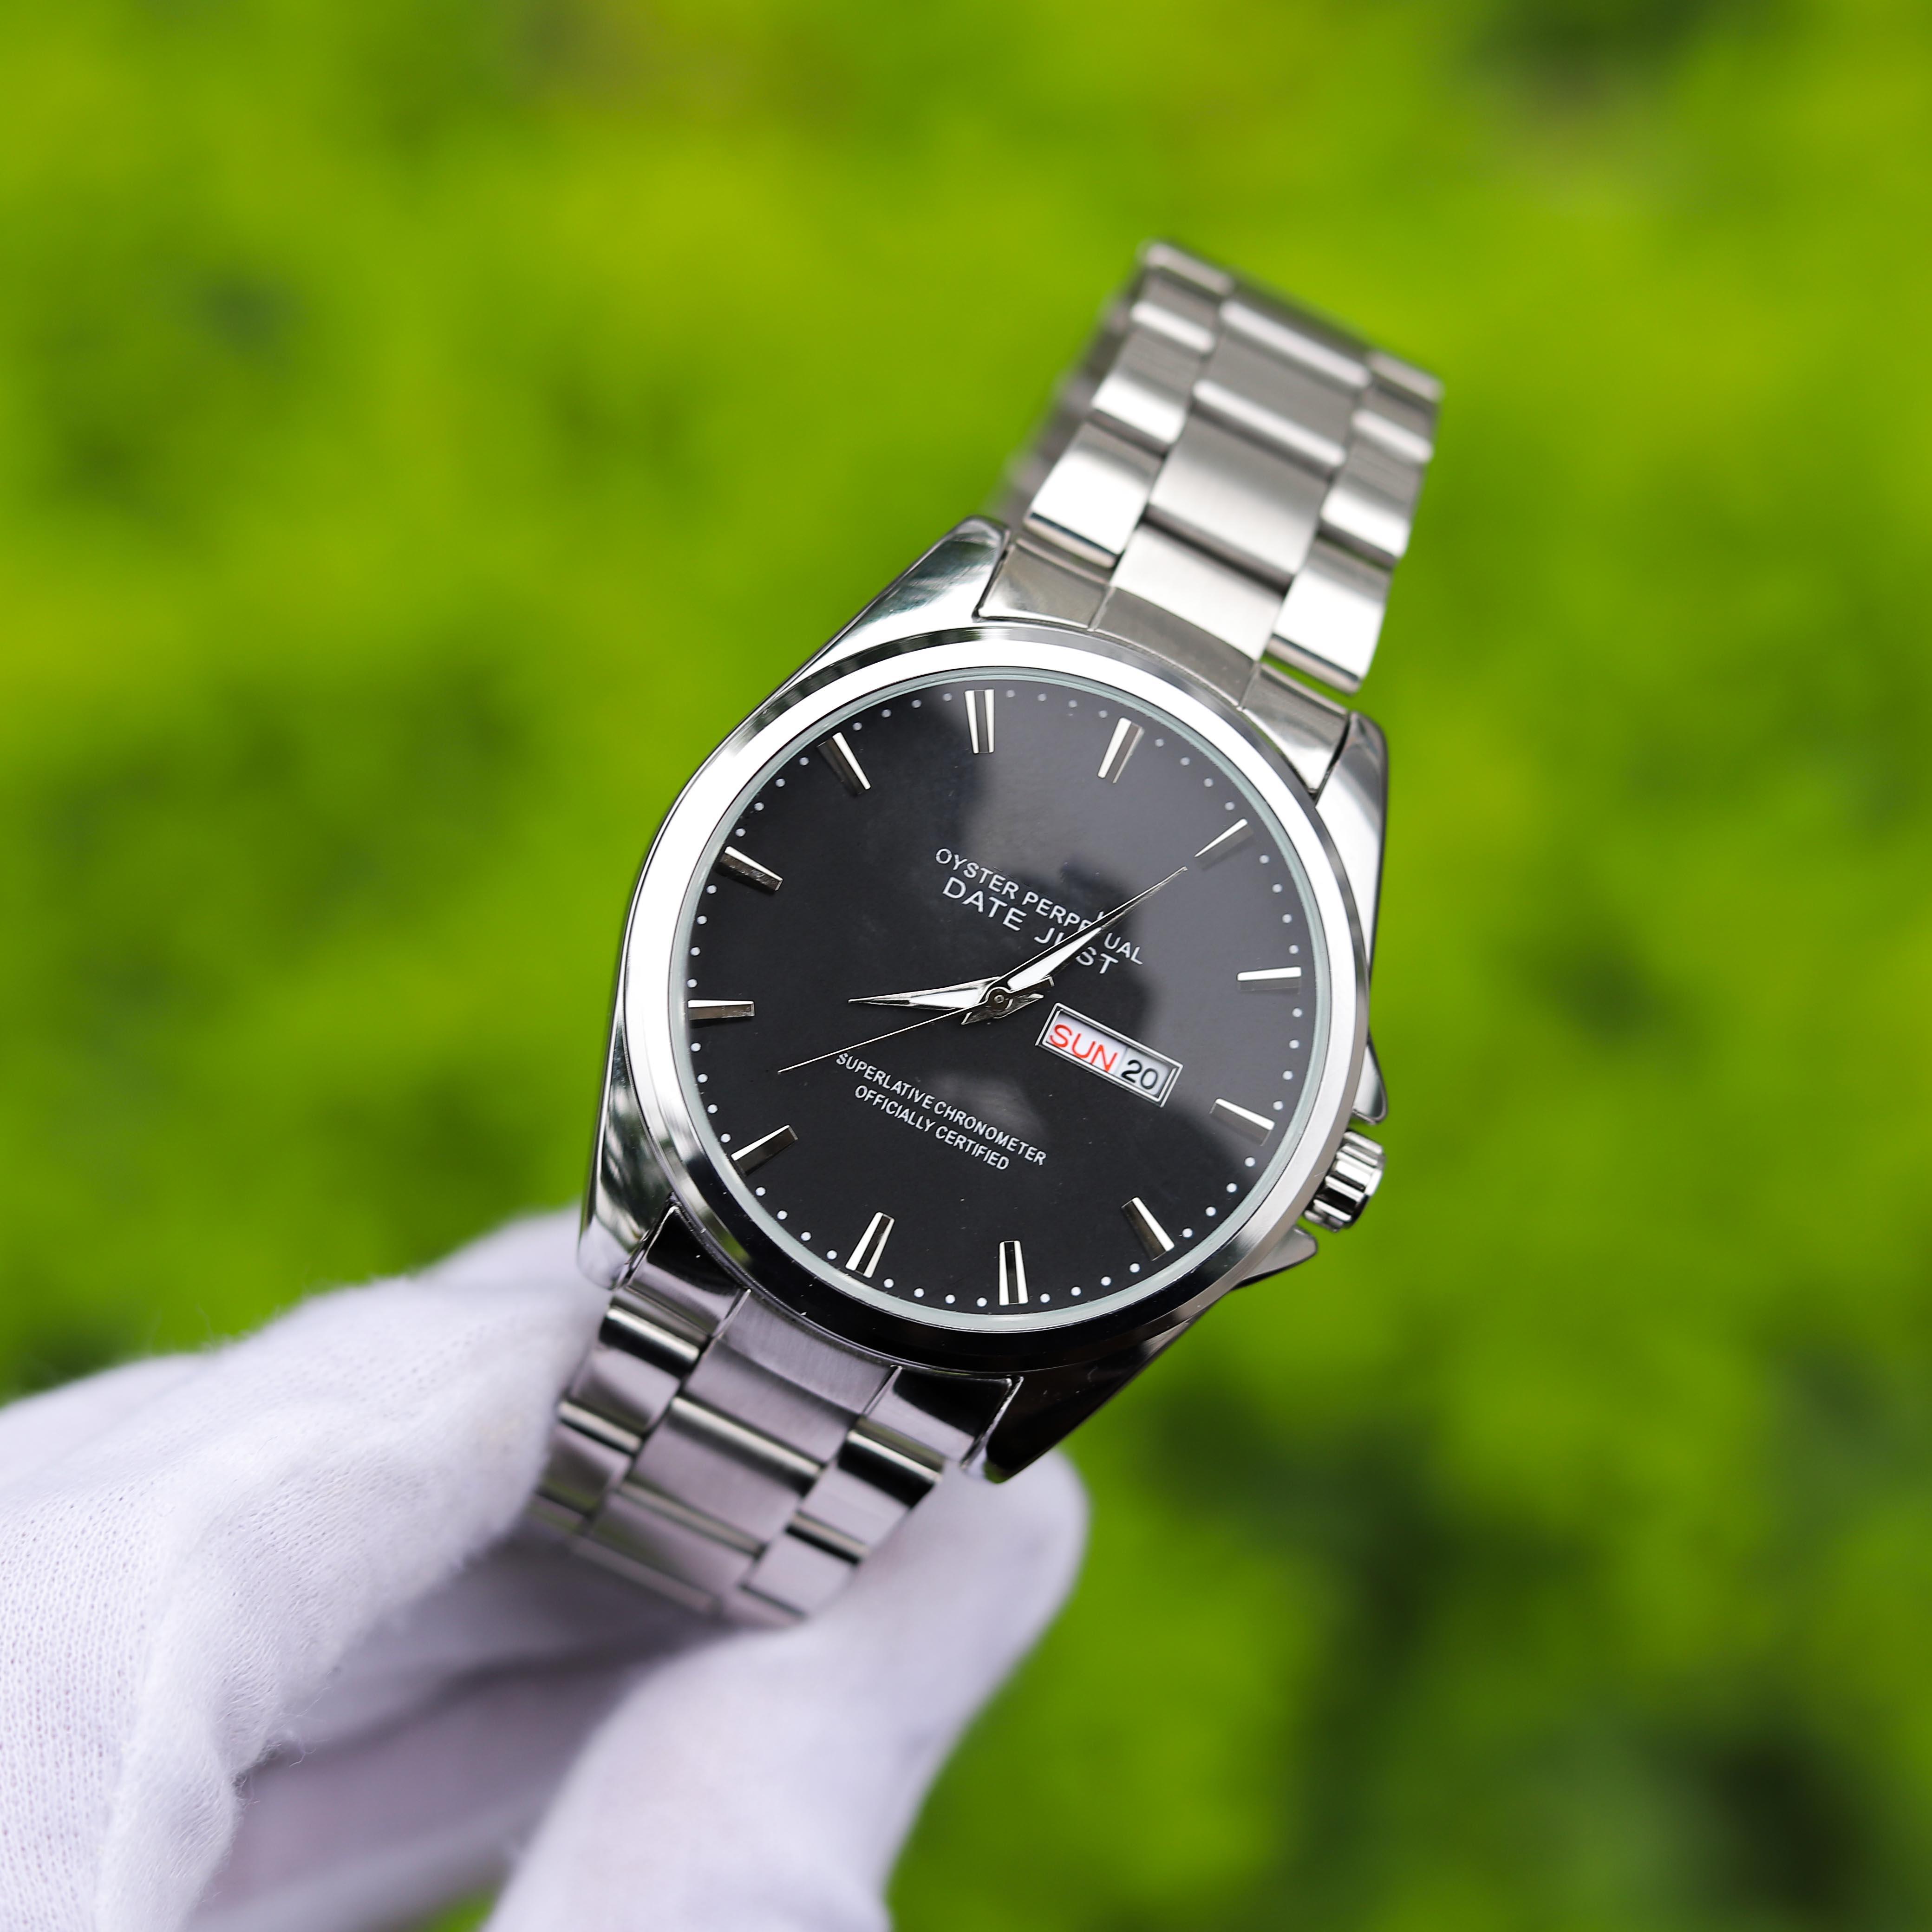 Đồng hồ nam dây thép phong cách Ý mặt kính chống xước cao cấp TI003050 hiển thị 2 lịch ngày tháng – Thiết kế sang trọng – Lịch lãm